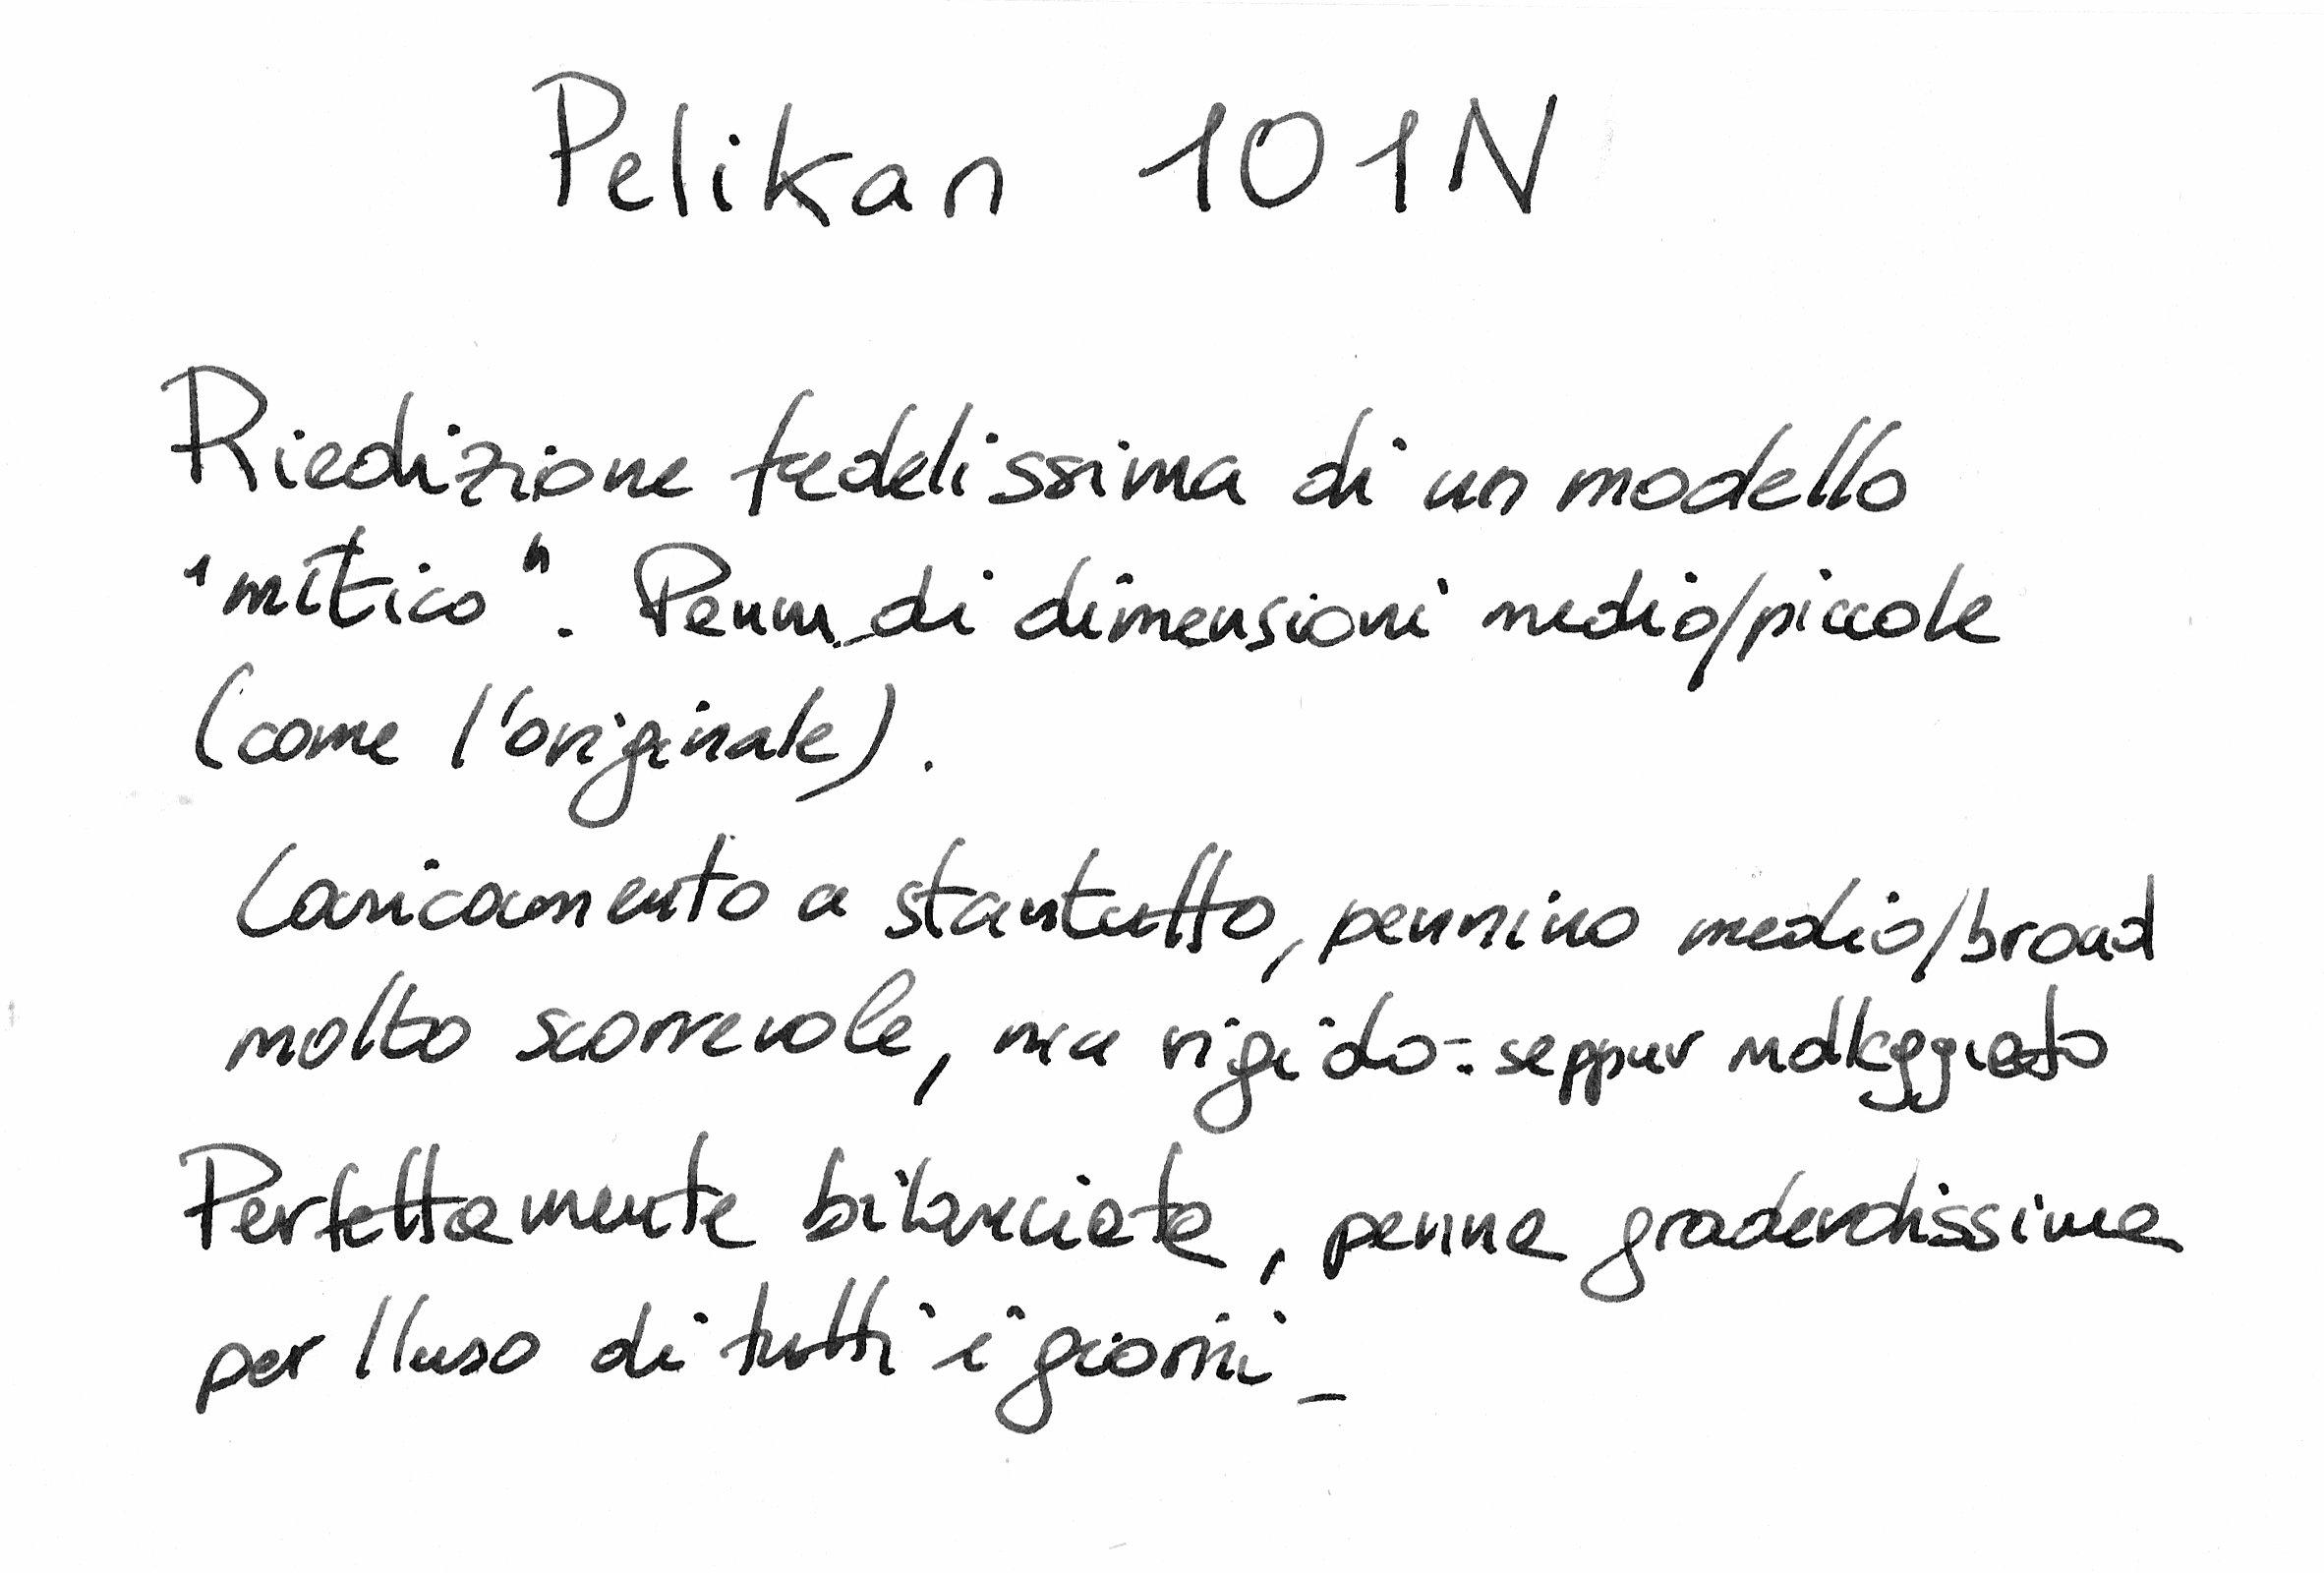 Pelikan m101n penciclopedia - Modello di scrittura vichingo ...